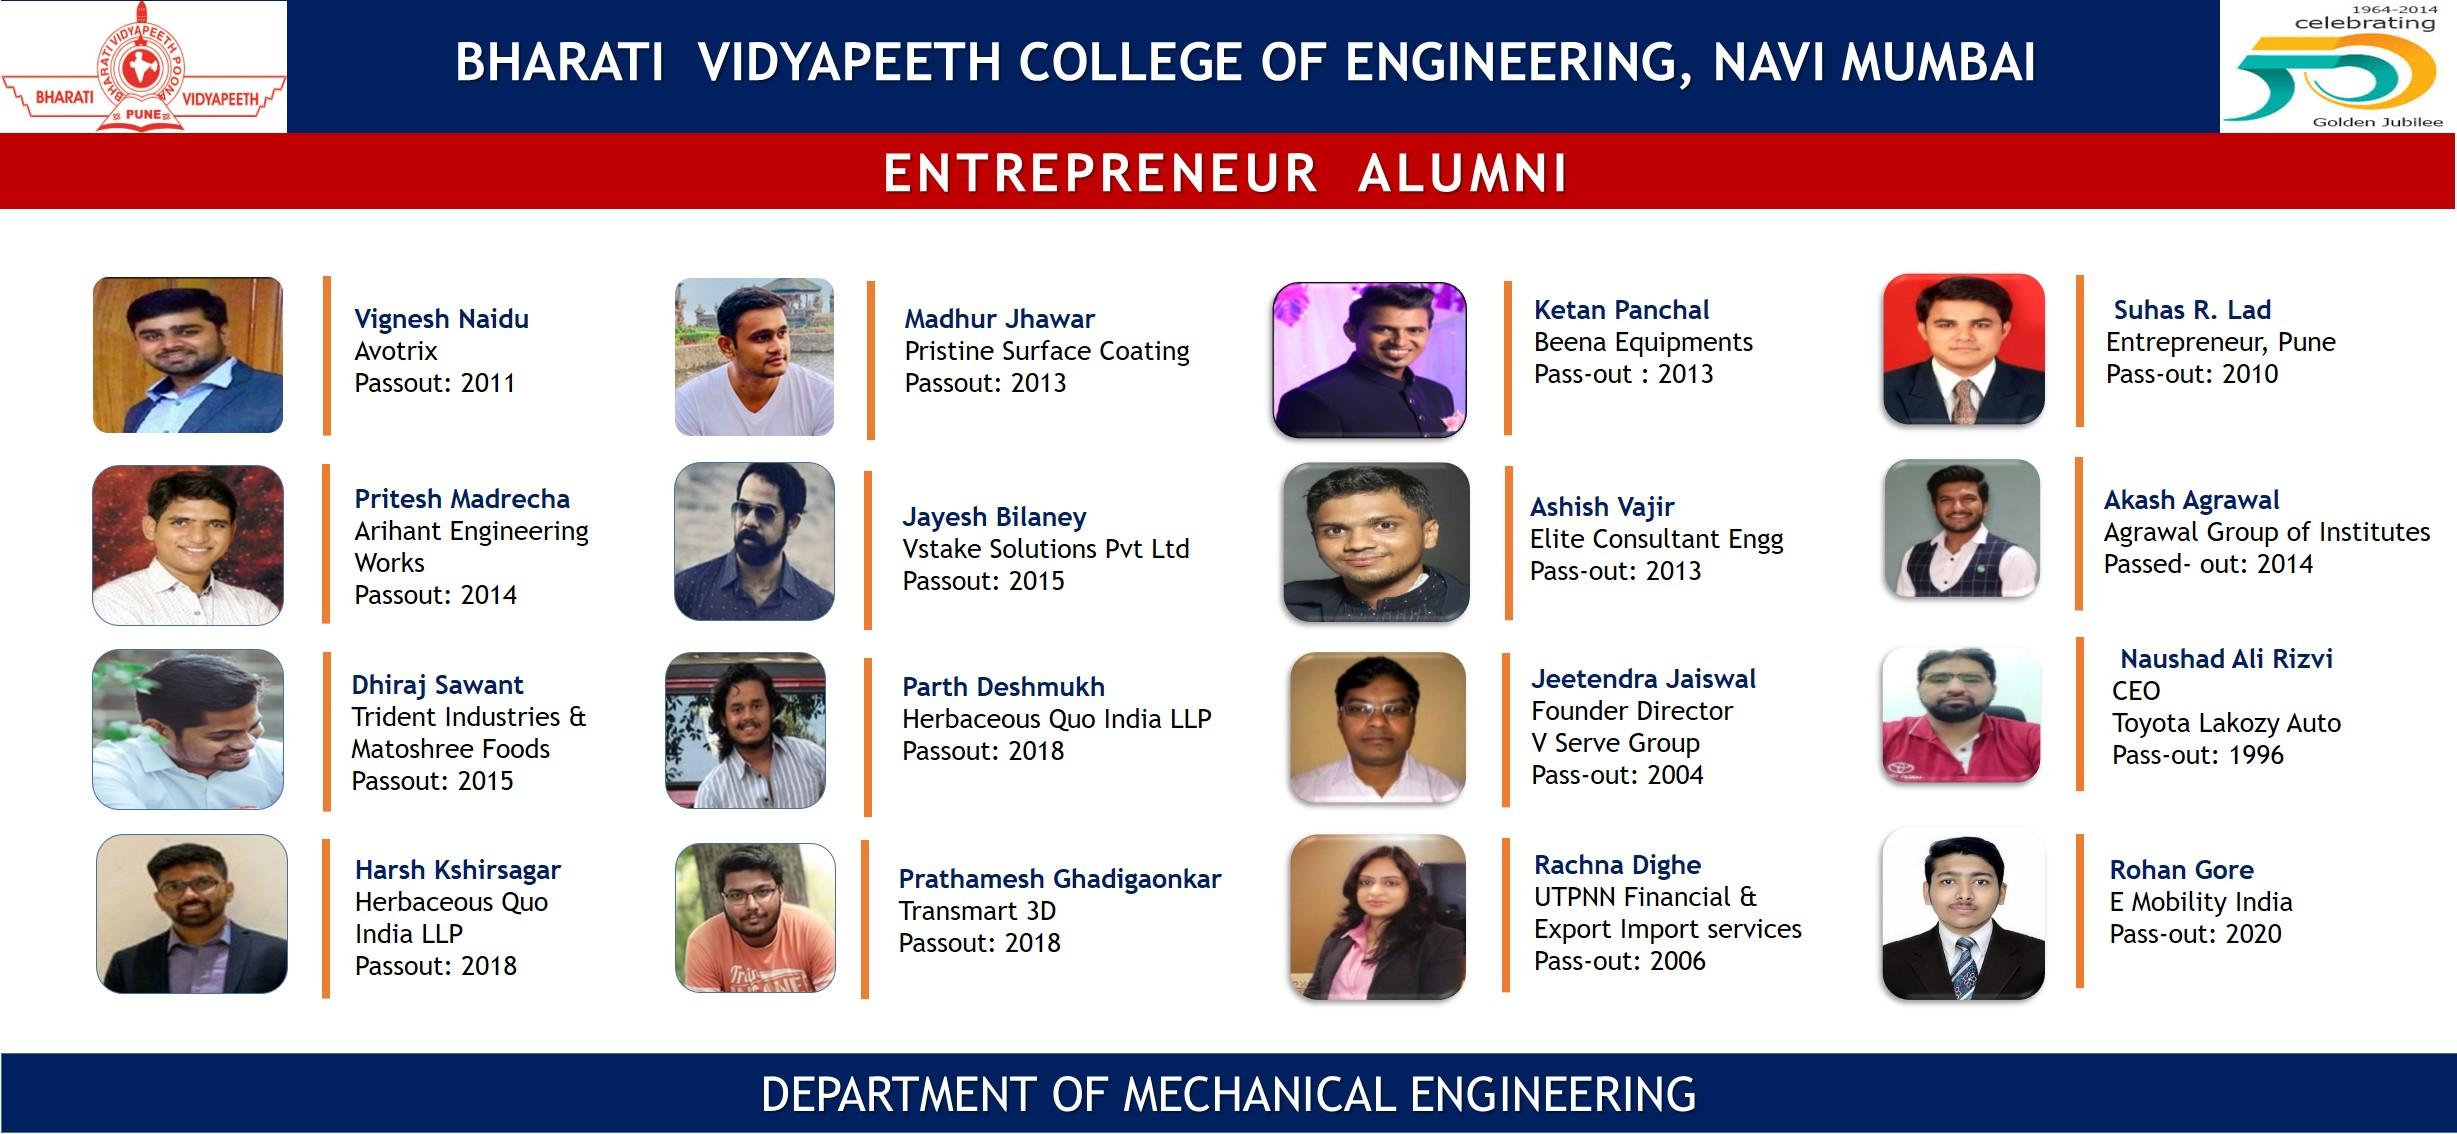 Alumni- Enterprenuer